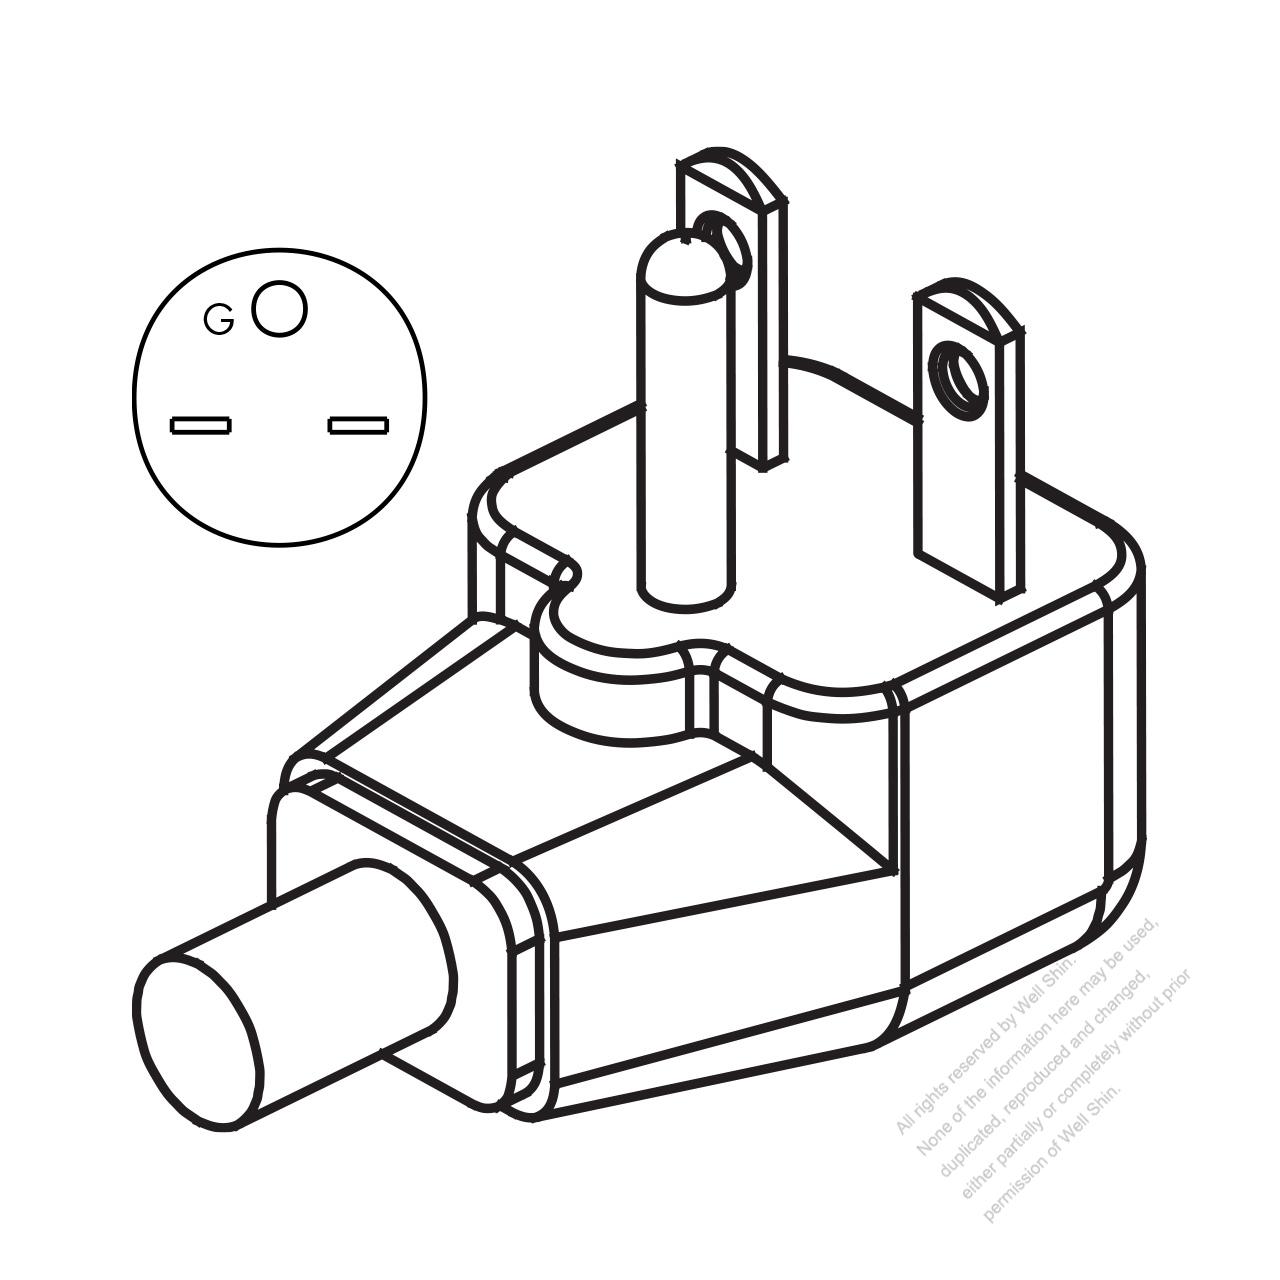 Usa Canada Nema 6 15p Elbow Ac Plug 2 P 3 Wire Grounding 15a 250v 15 Receptacle Wiring Diagram